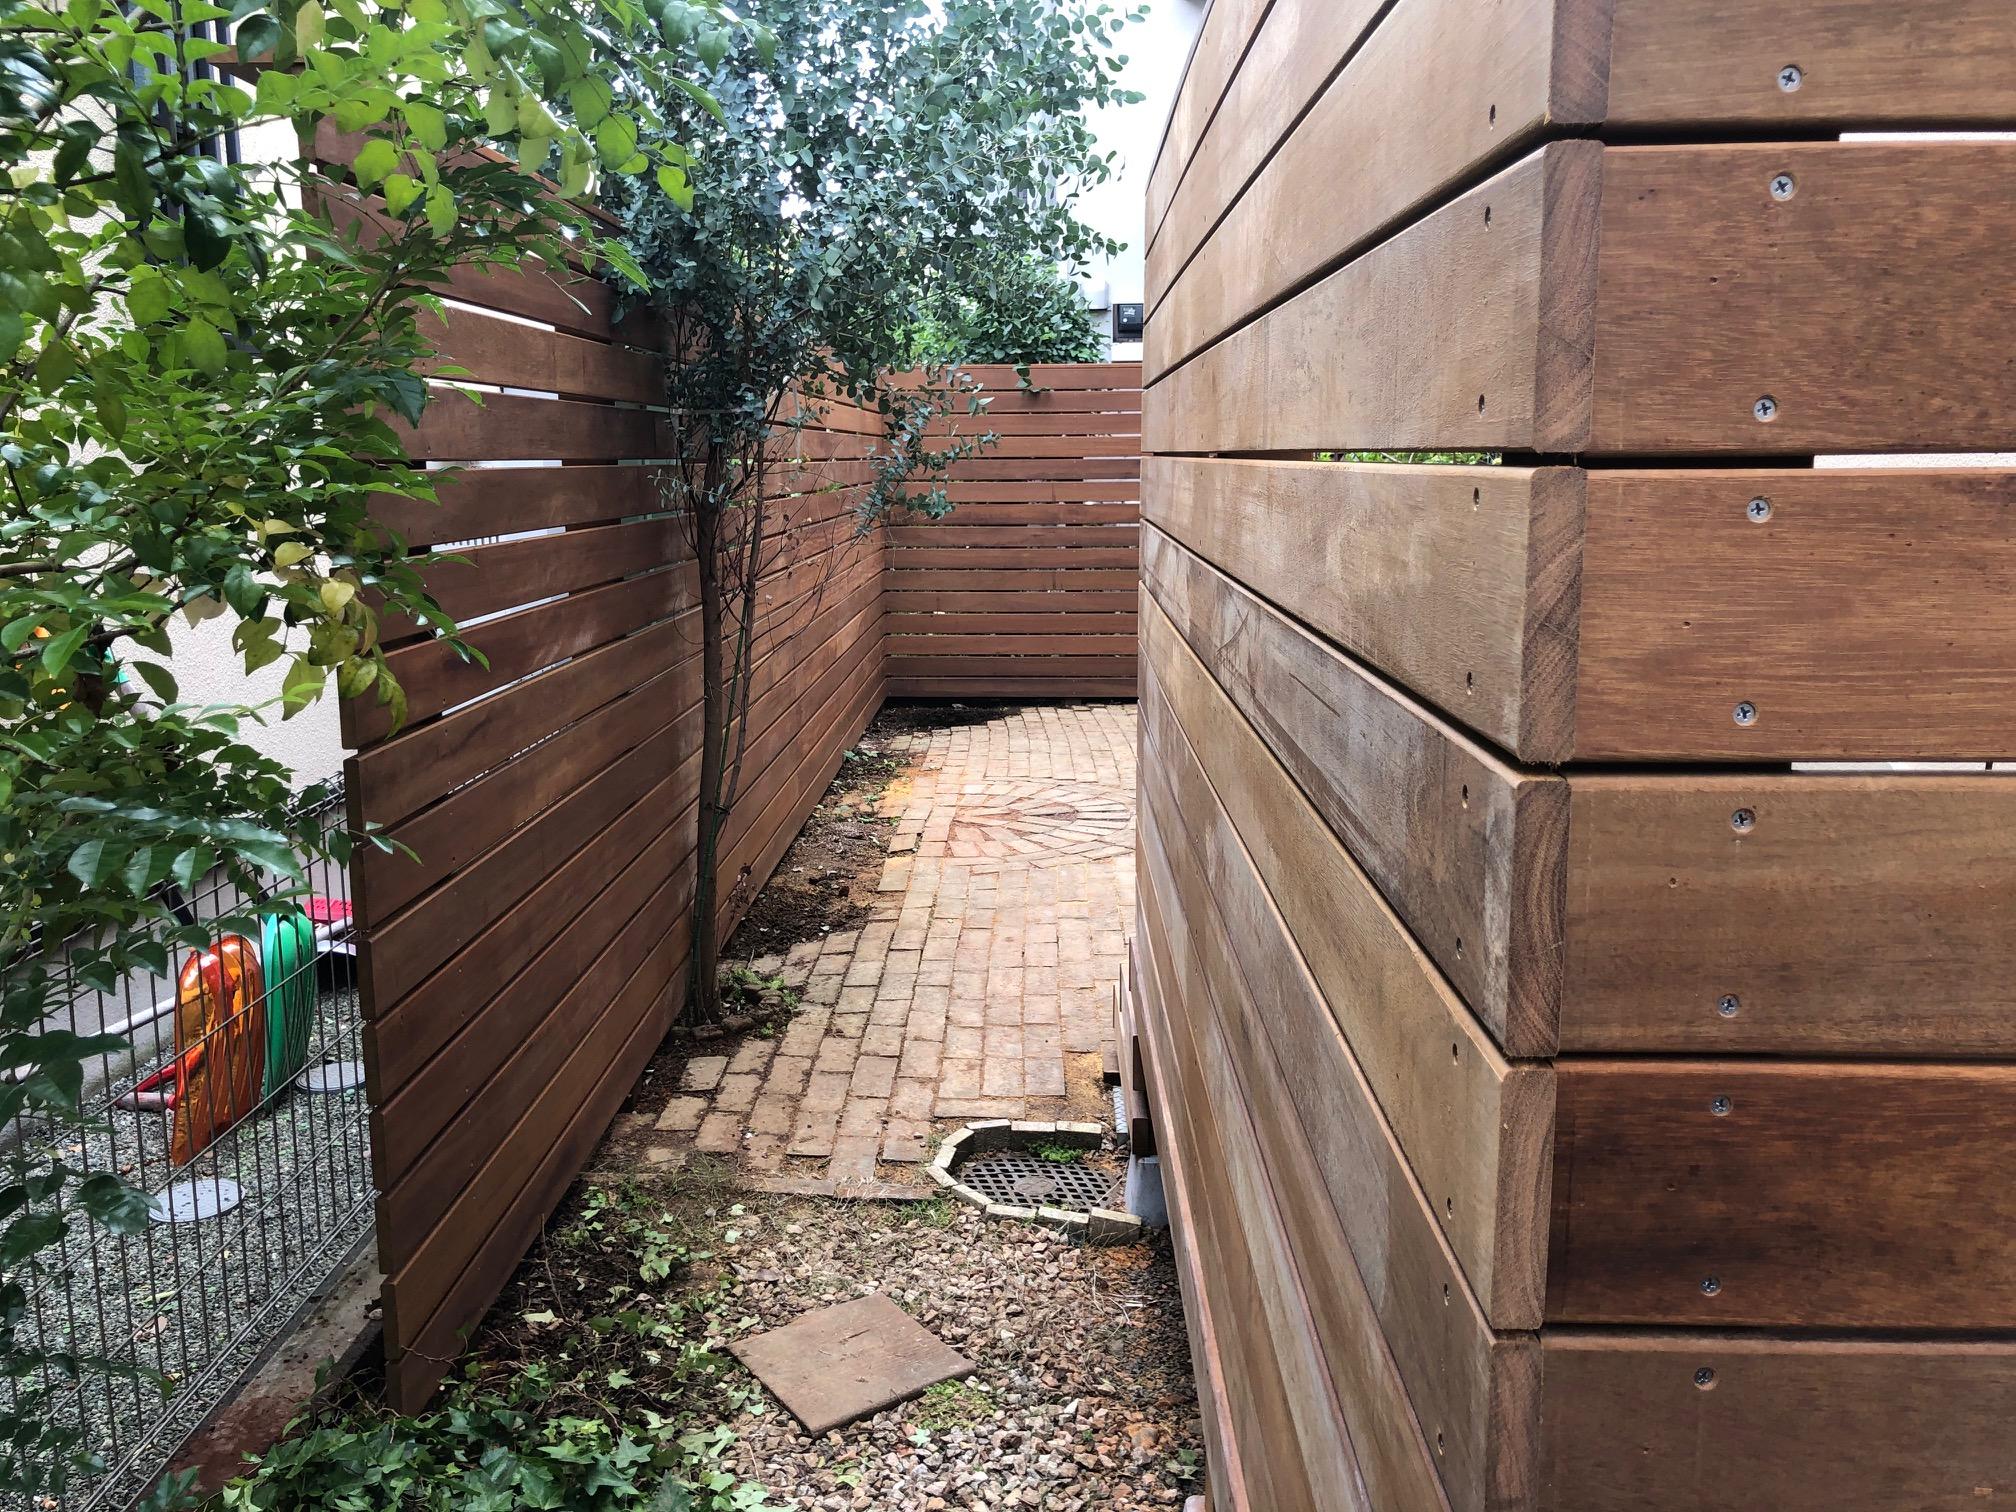 東京都ウリン材ウッドフェンスとフェンス付ウッドデッキ横から